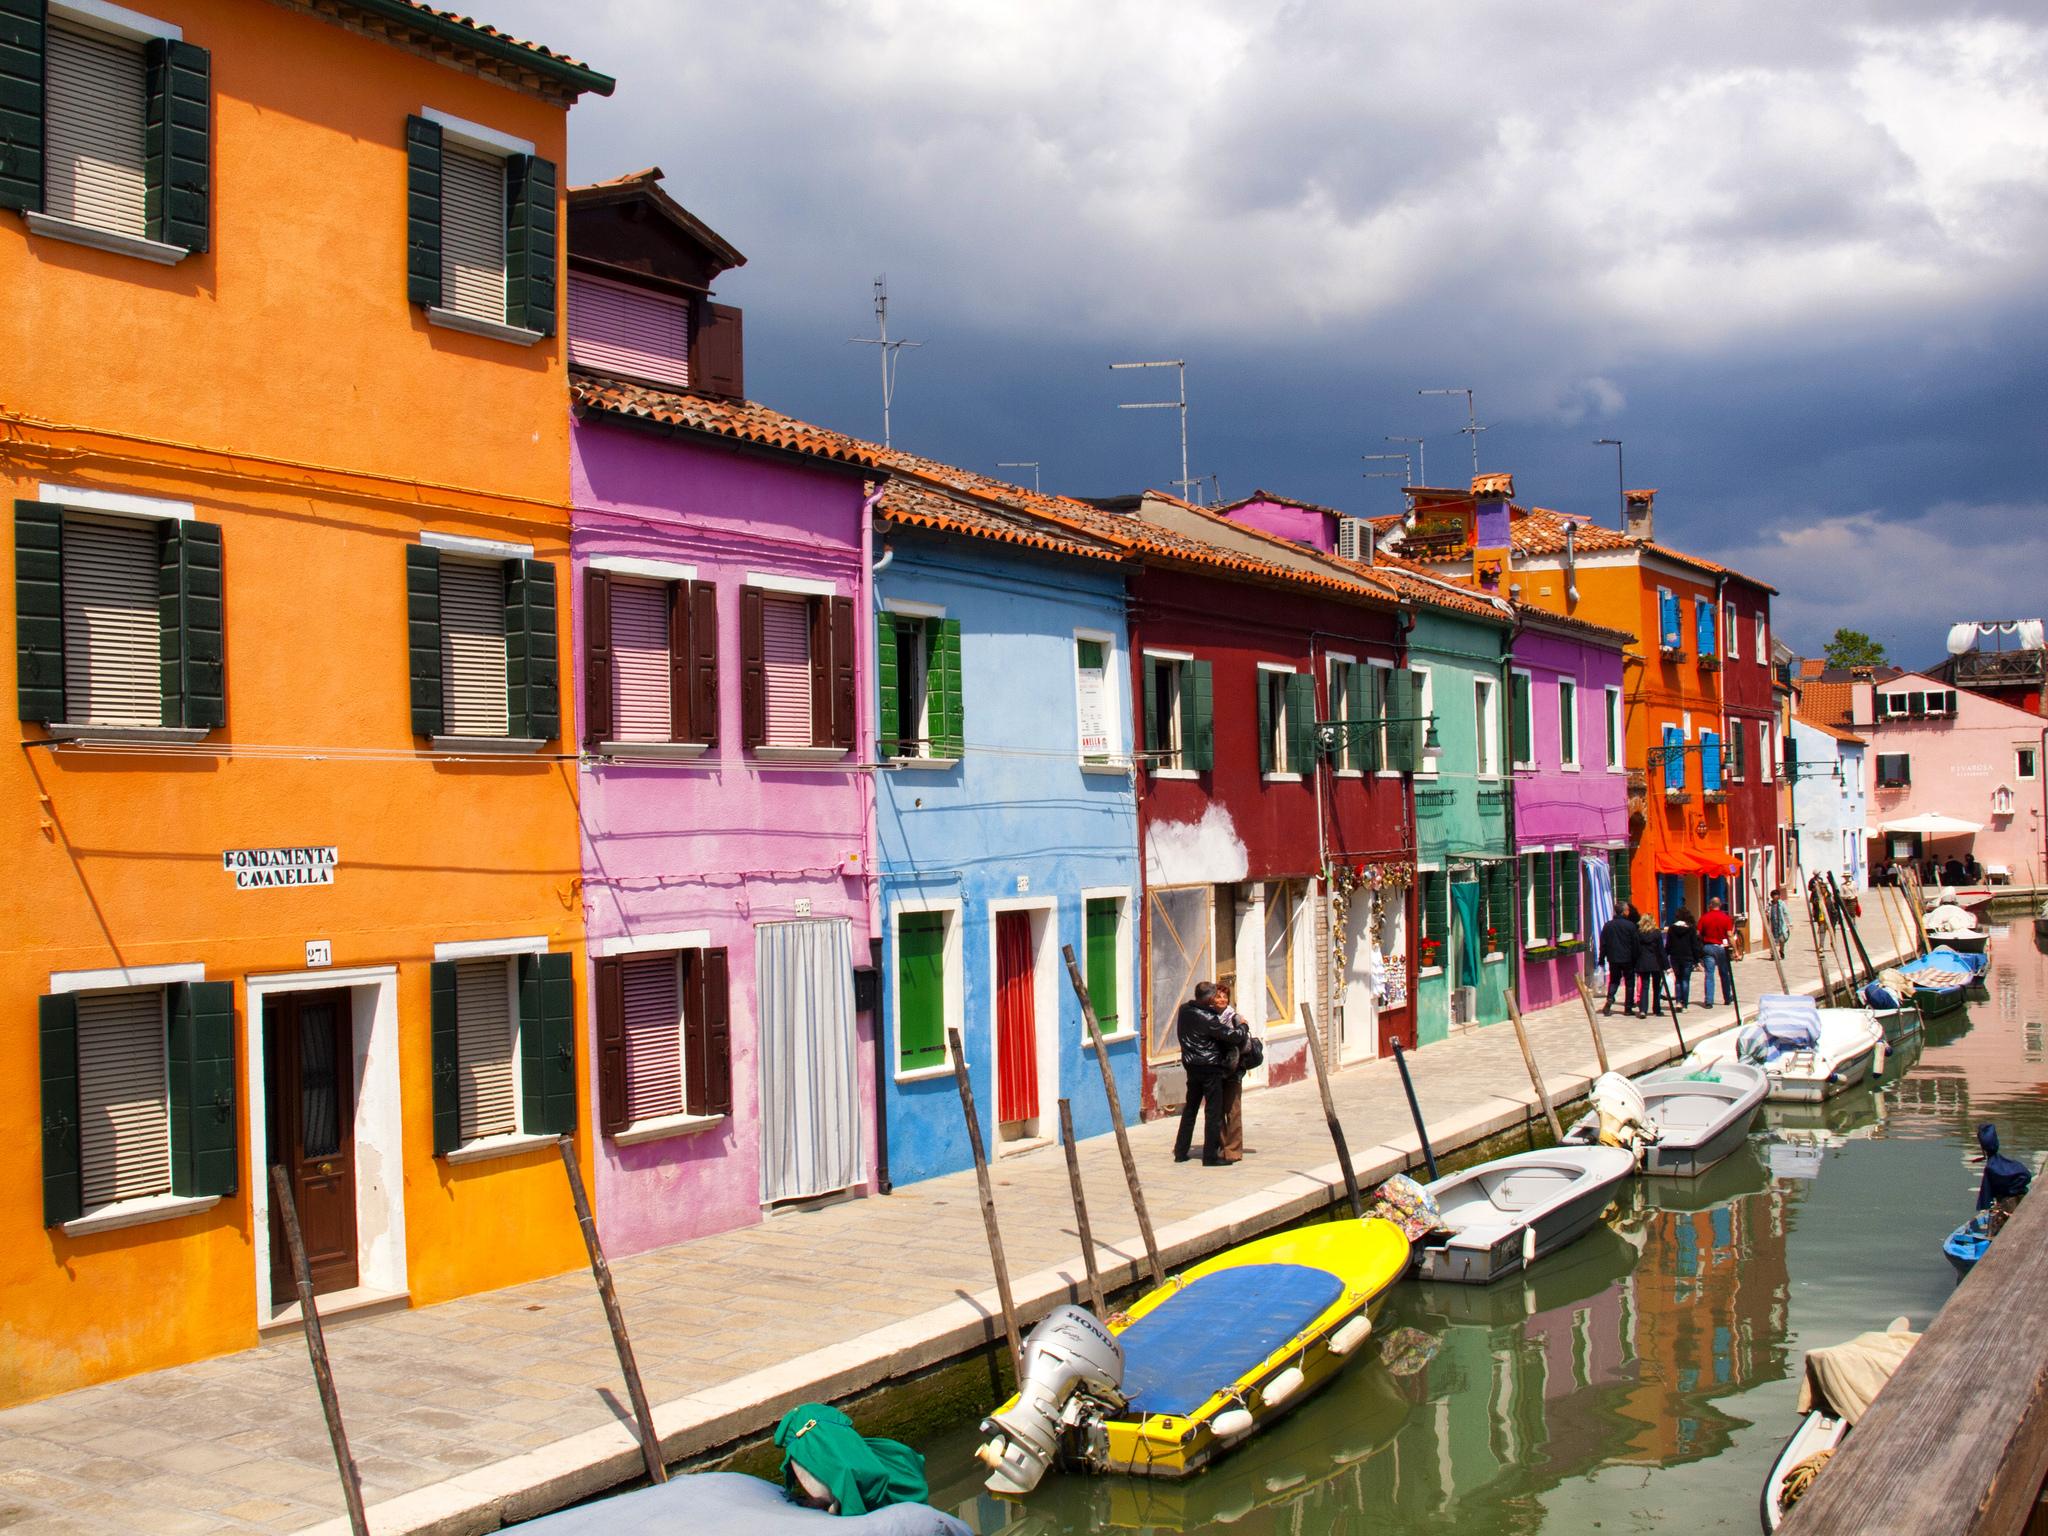 Rumah-rumah nelayan yang berwarna-warni di Pulau Burano. Sebuah pulau cantik di bagian utara laguna Venesia, Italia. Flickr - Kevin Poh.